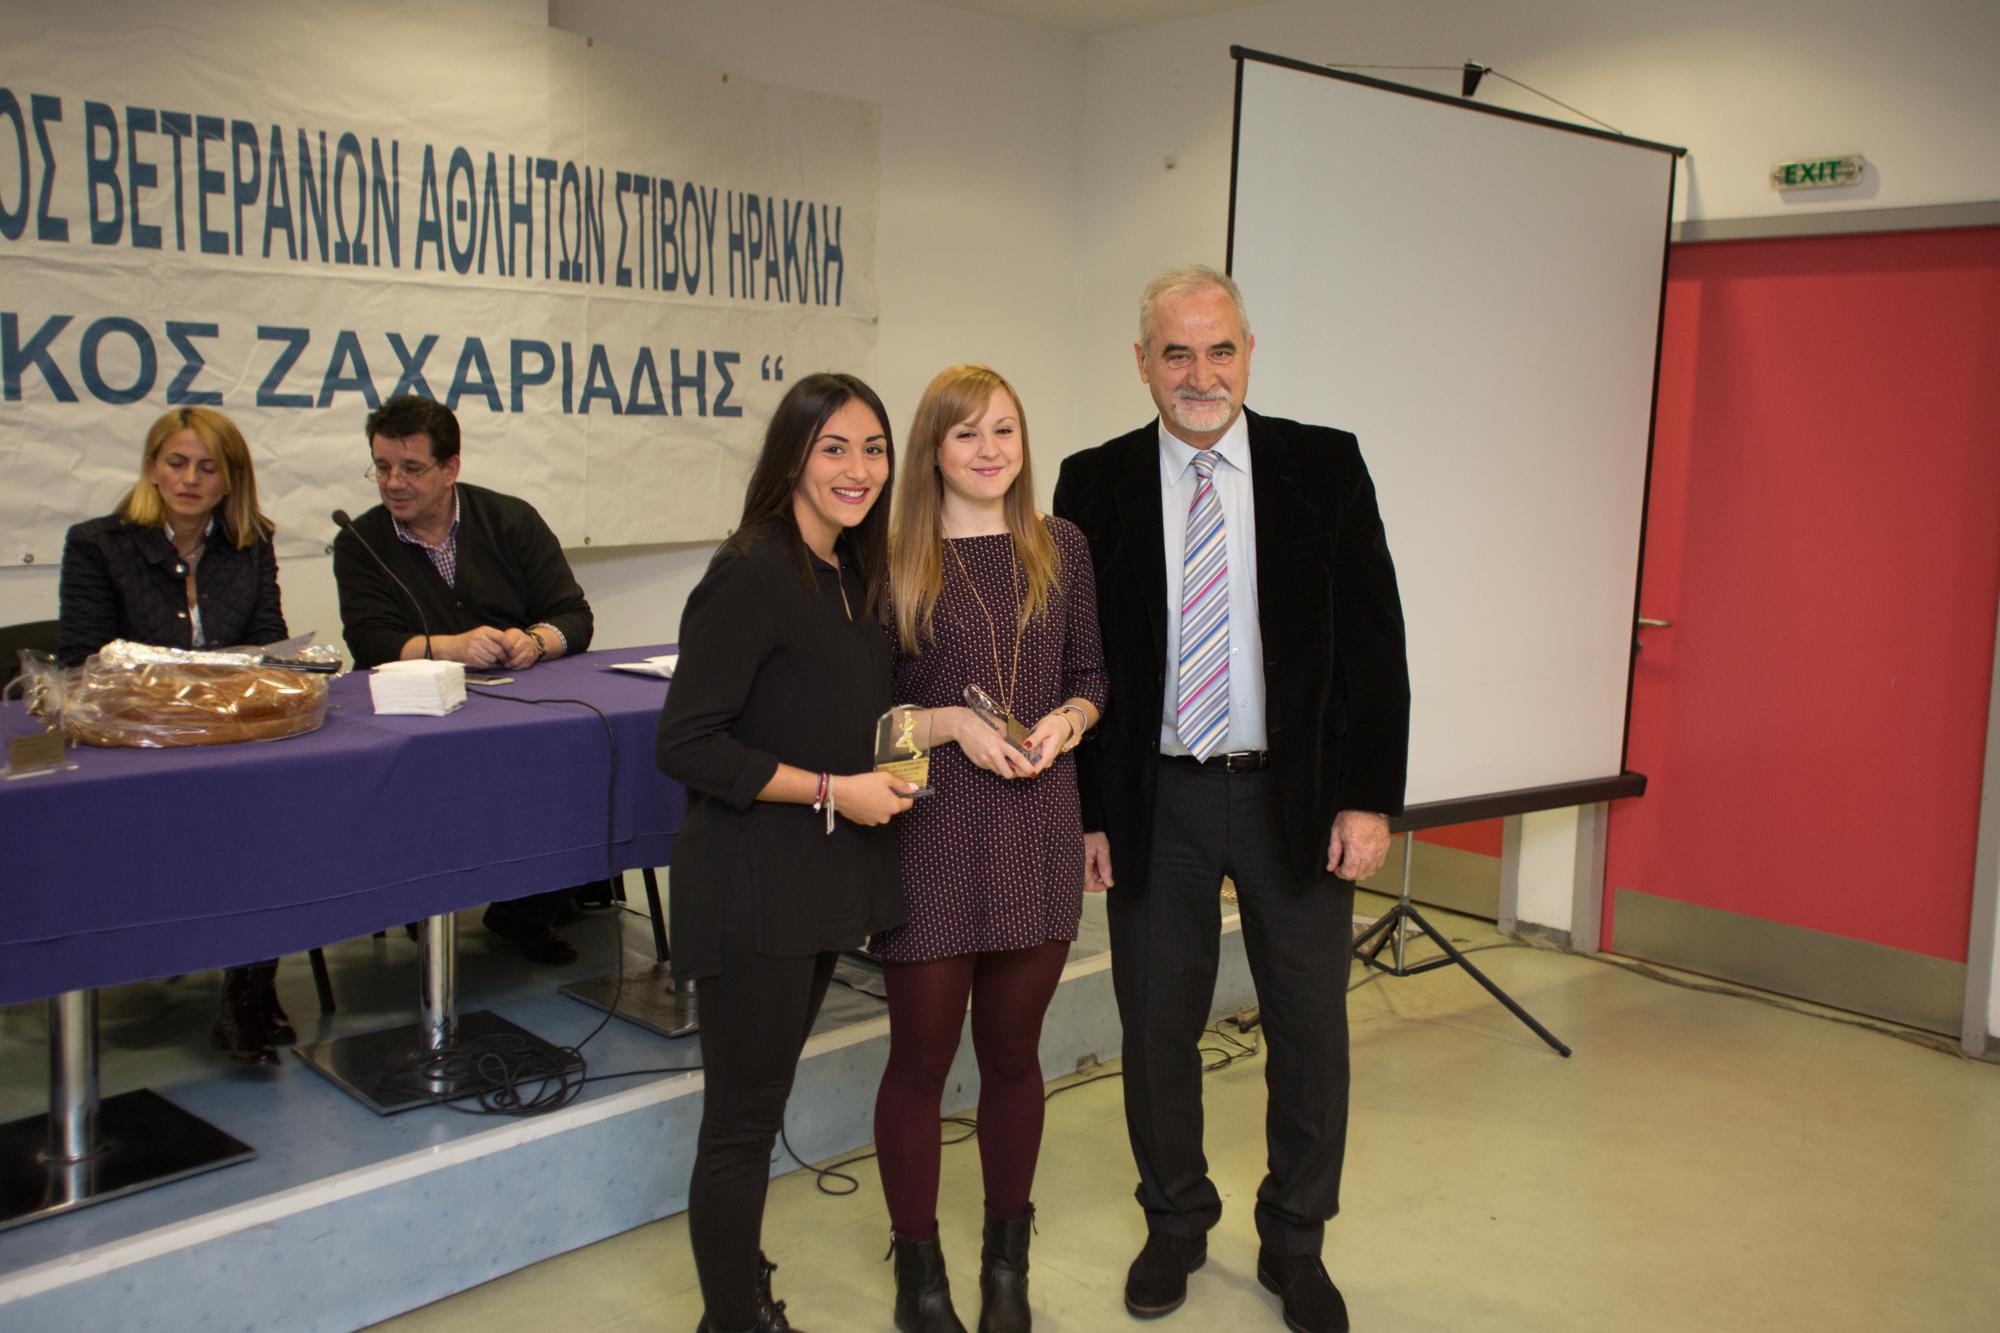 Τερζάκη Γ.,Τζιούρνα Ευαγγ.(4χ100μ ΝΕΩΝ ΓΥΝΑΙΚΩΝ) βραβείο από τον Κοσμήτορα ΤΕΦΑΑ Σπ.Κέλλη